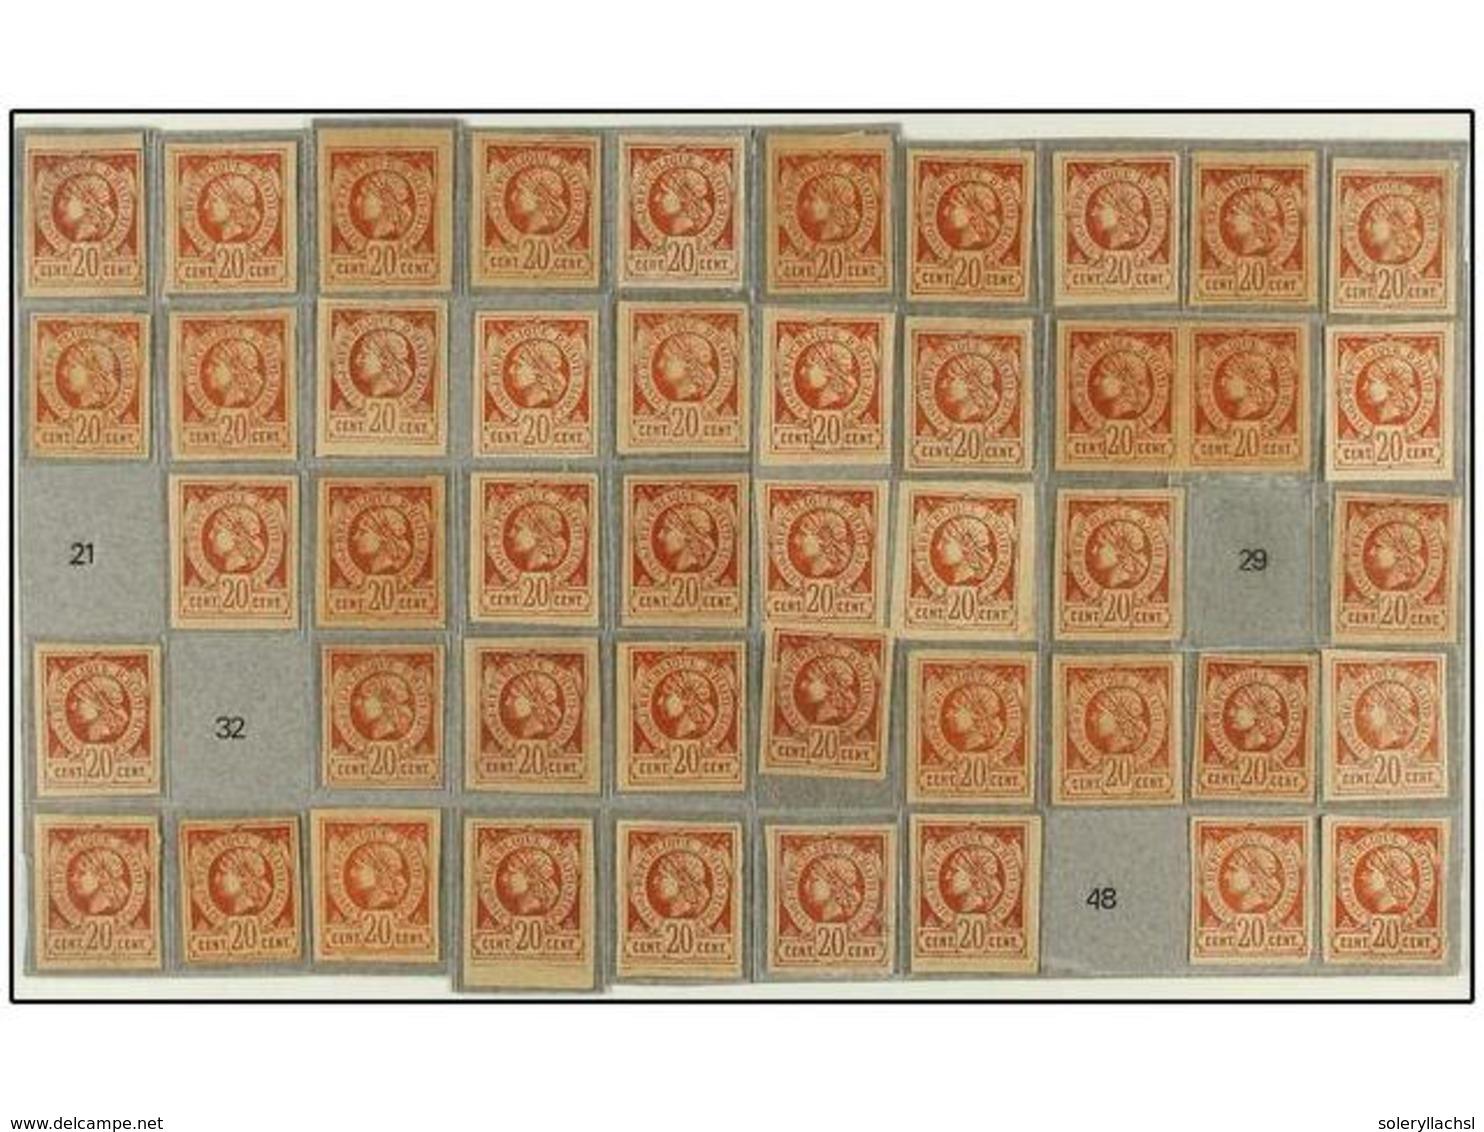 * HAITI. Sc.6. 1881. 20 Cents. Castaño Rojo. Proyecto De Reconstrucción De Plancha Con 47 De Los 50 Tipos Existentes. Ex - Unclassified